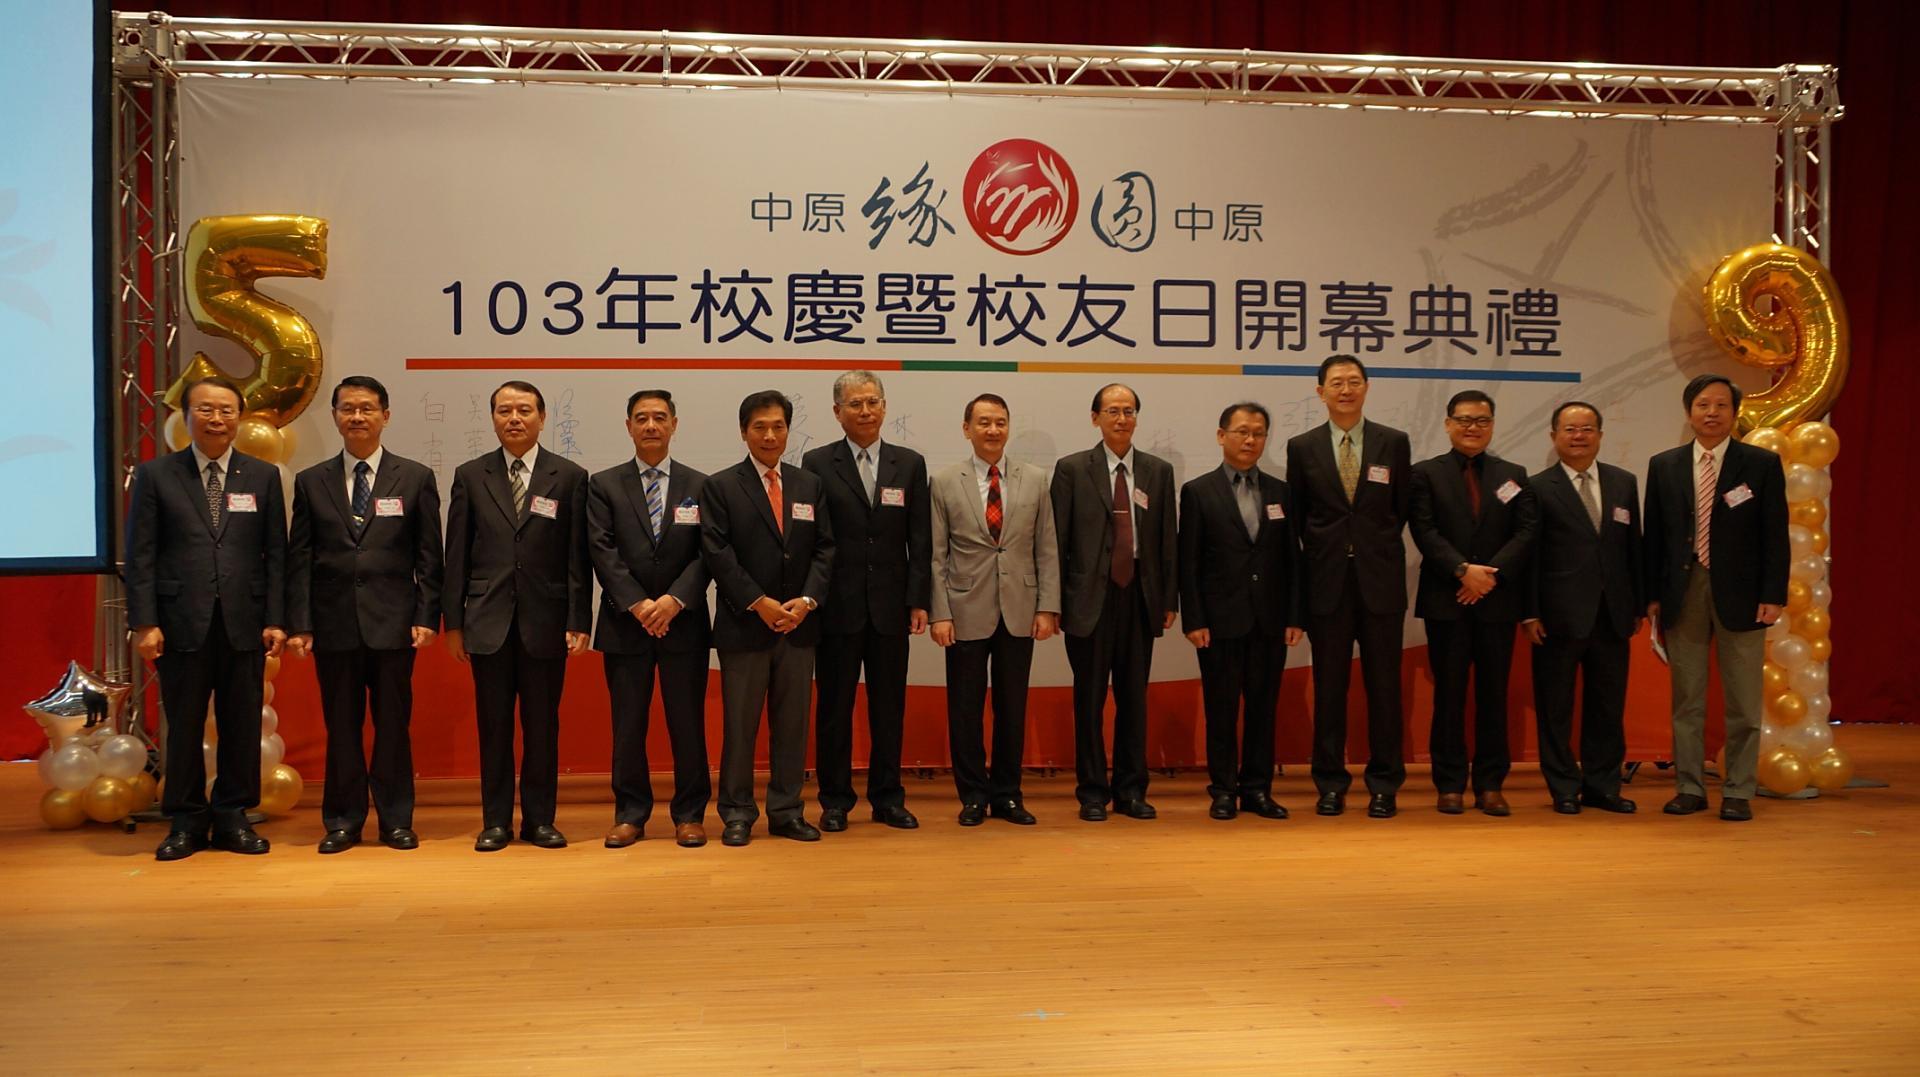 中原大學59周年校慶 表揚10位傑出校友